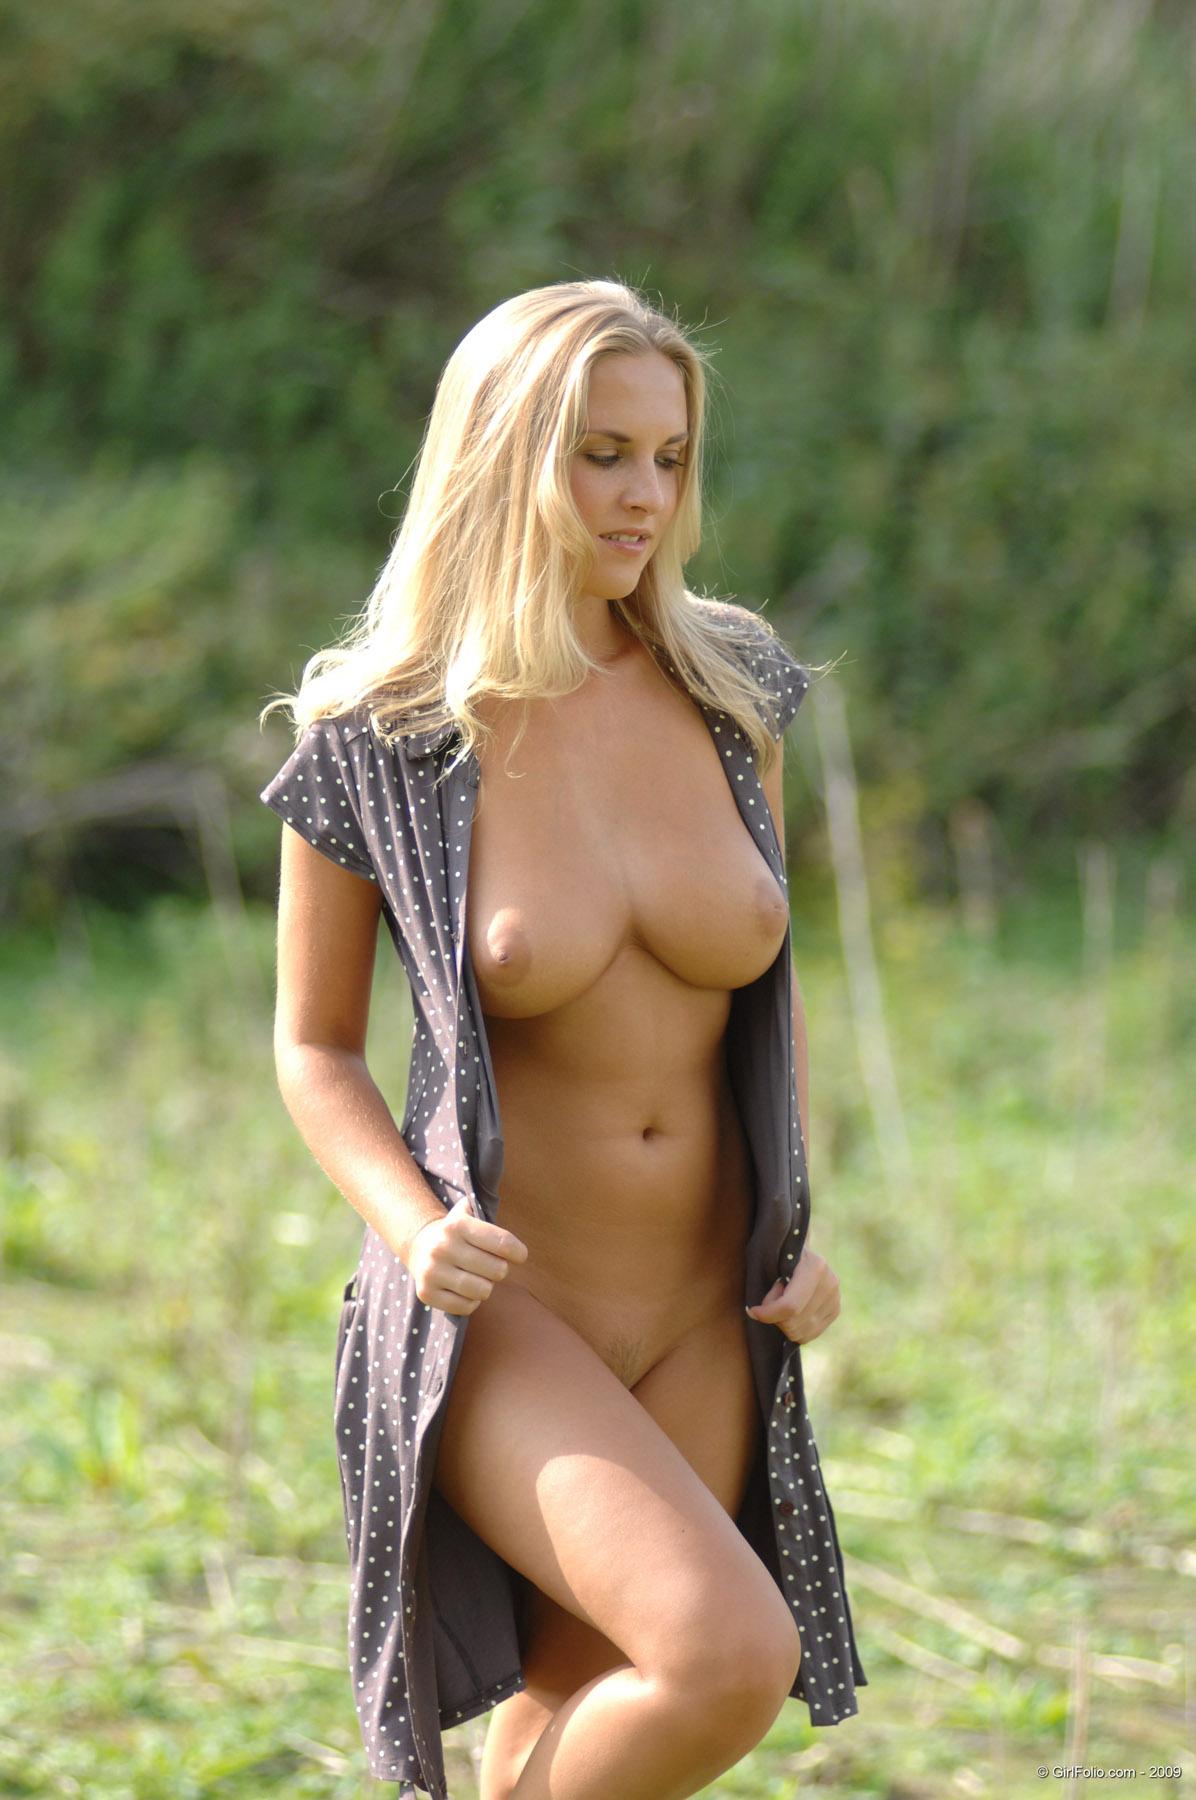 Chikita Nature Walk Girlfolio | Curvy Erotic